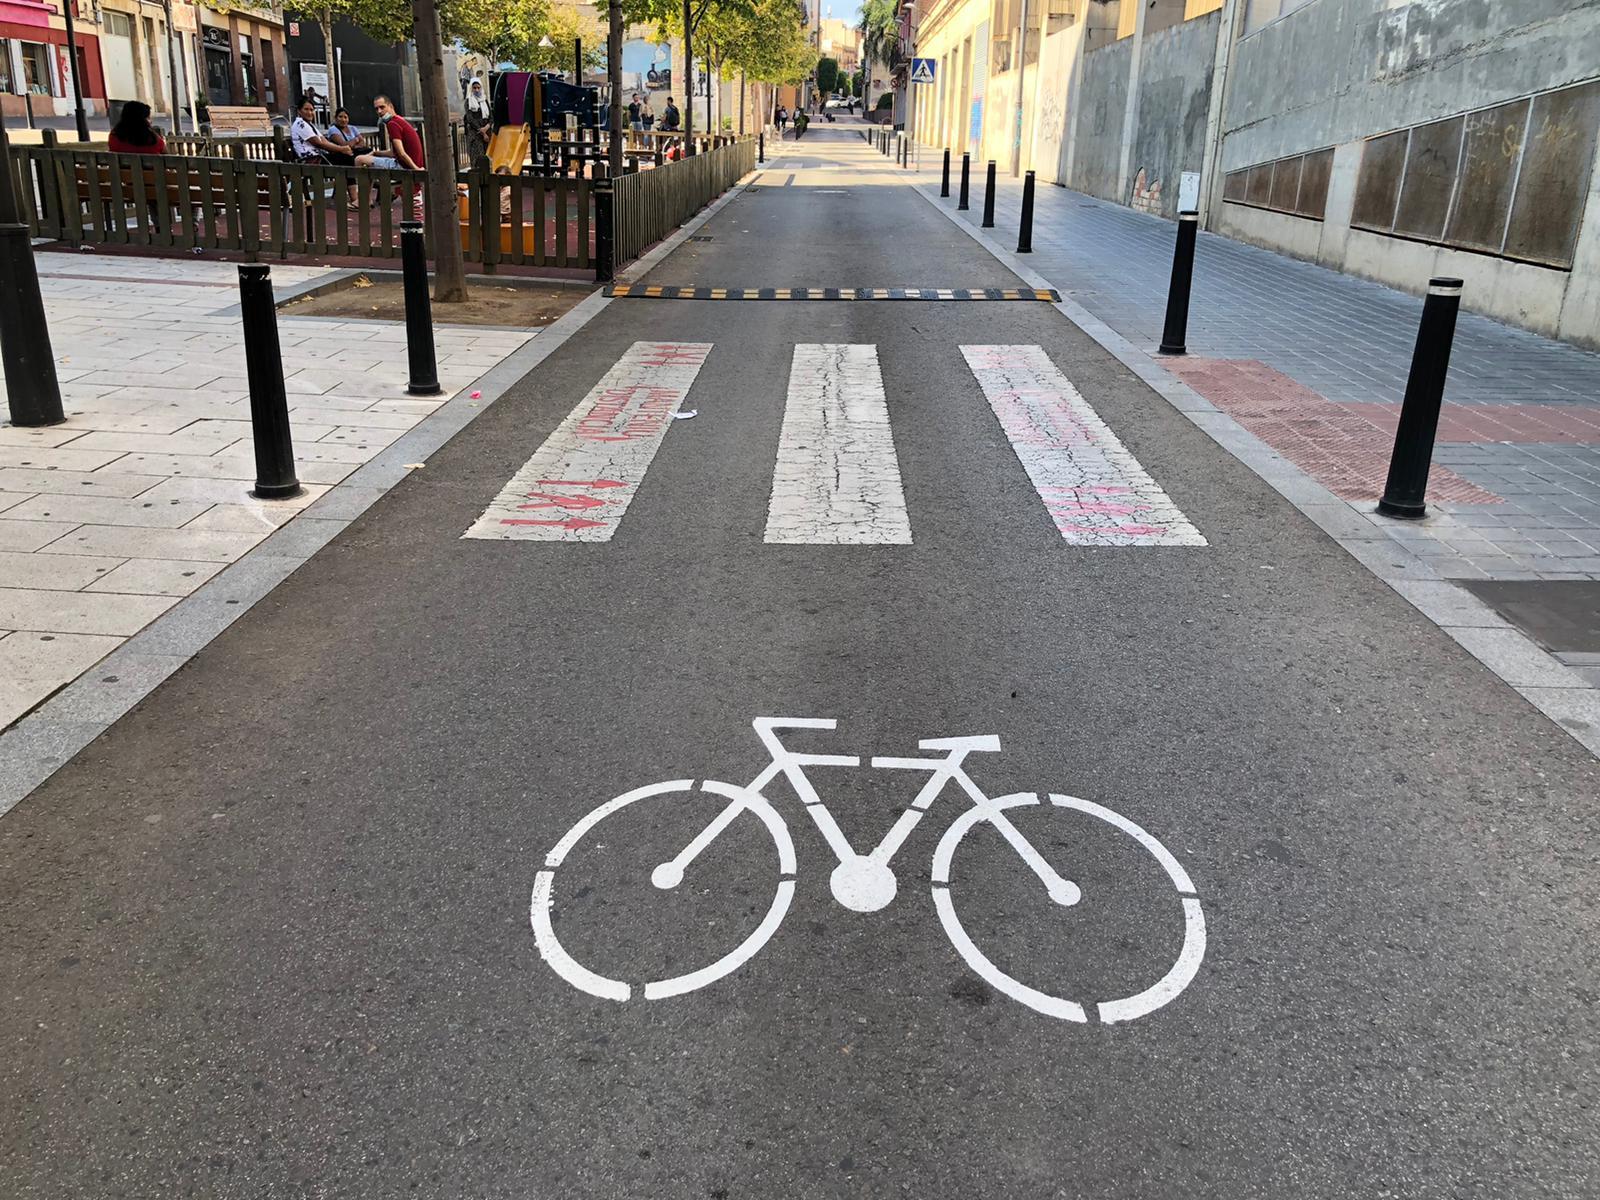 Mobilitat amb bicicleta per la ciutat de Reus